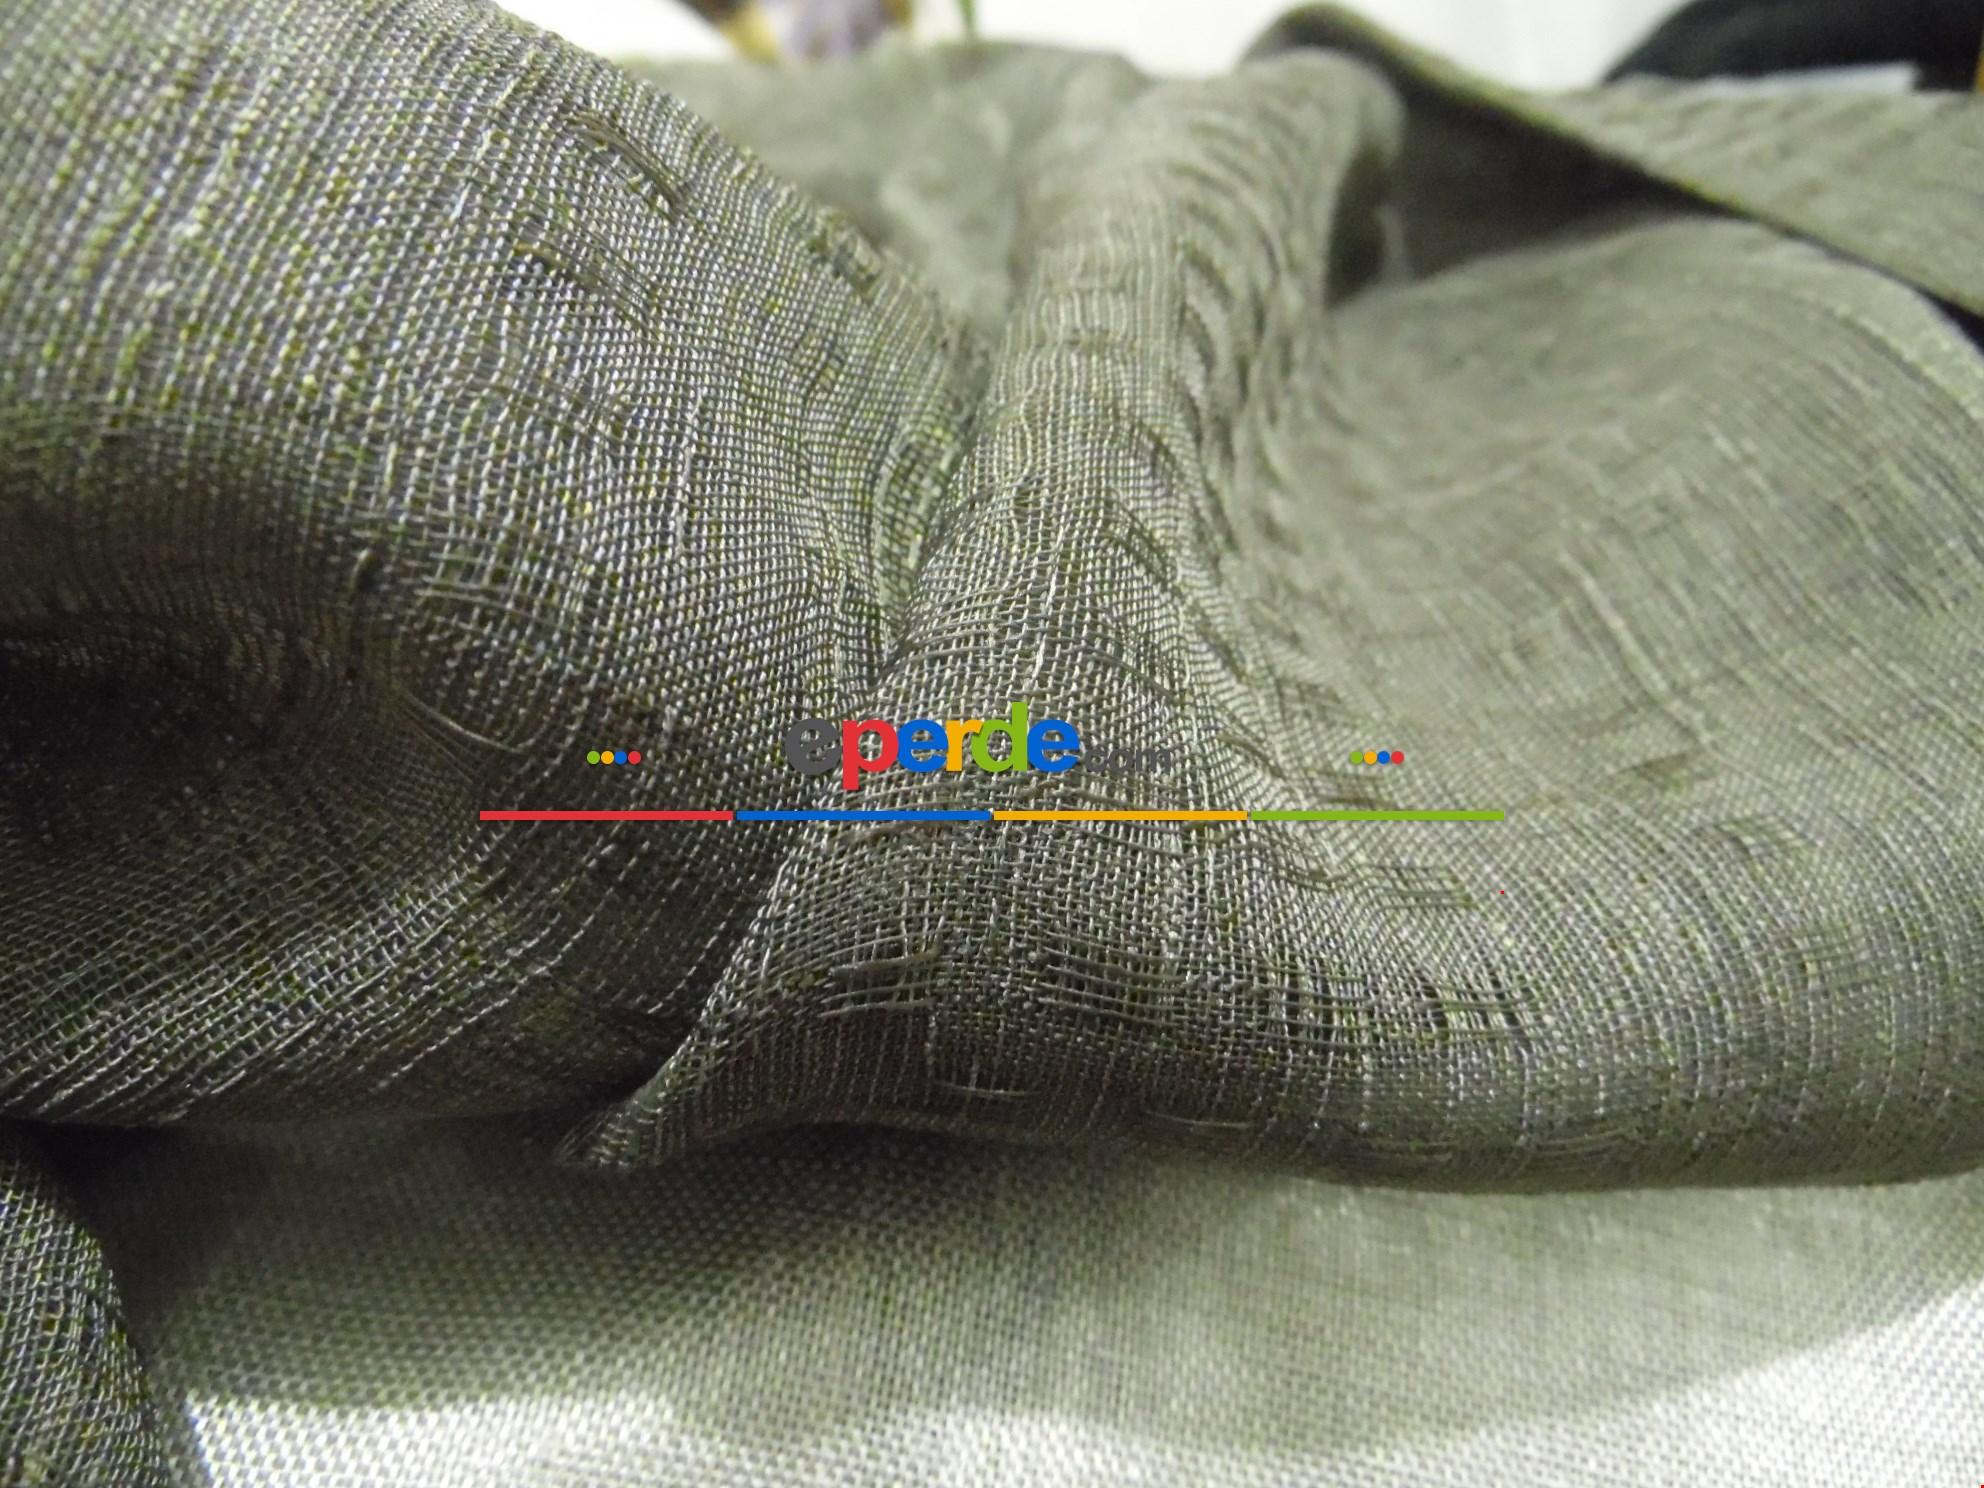 Çift Renk Keten Tül - Fon Perde 90cm X 260cm